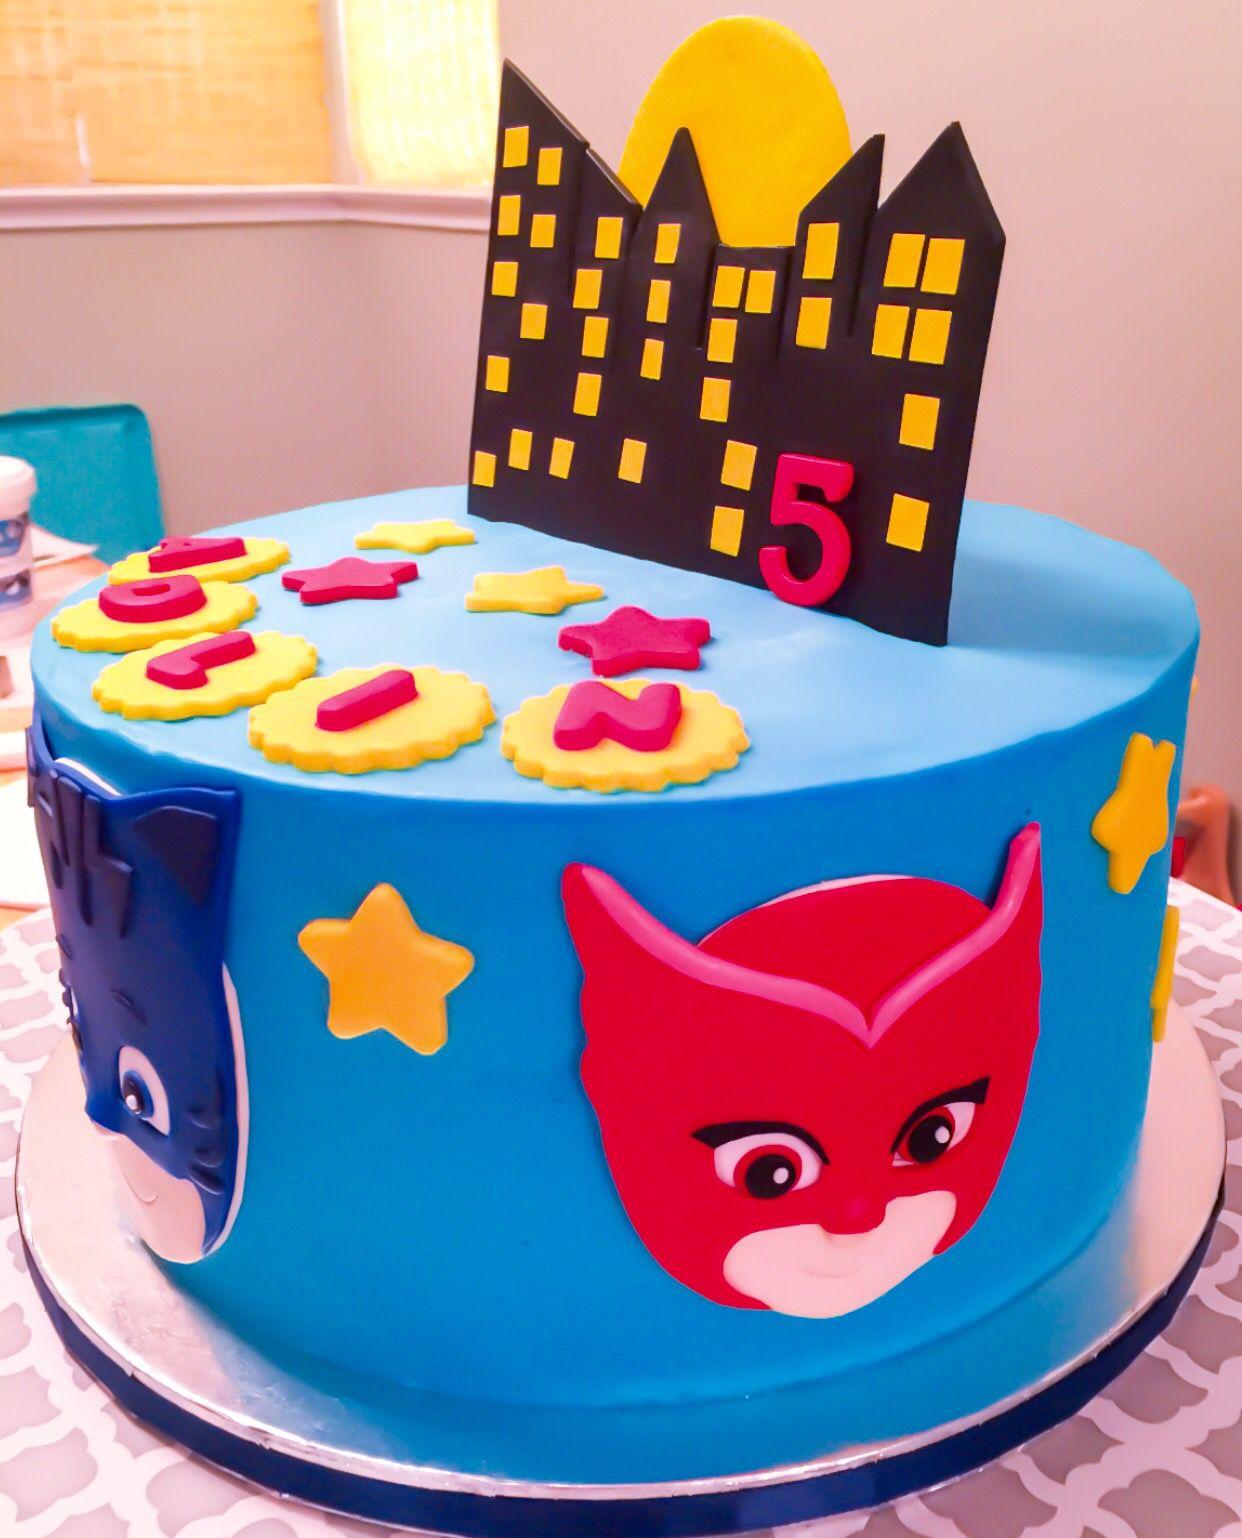 Pj mask cake festividades tortas para ni os - Bizcocho cumpleanos para ninos ...